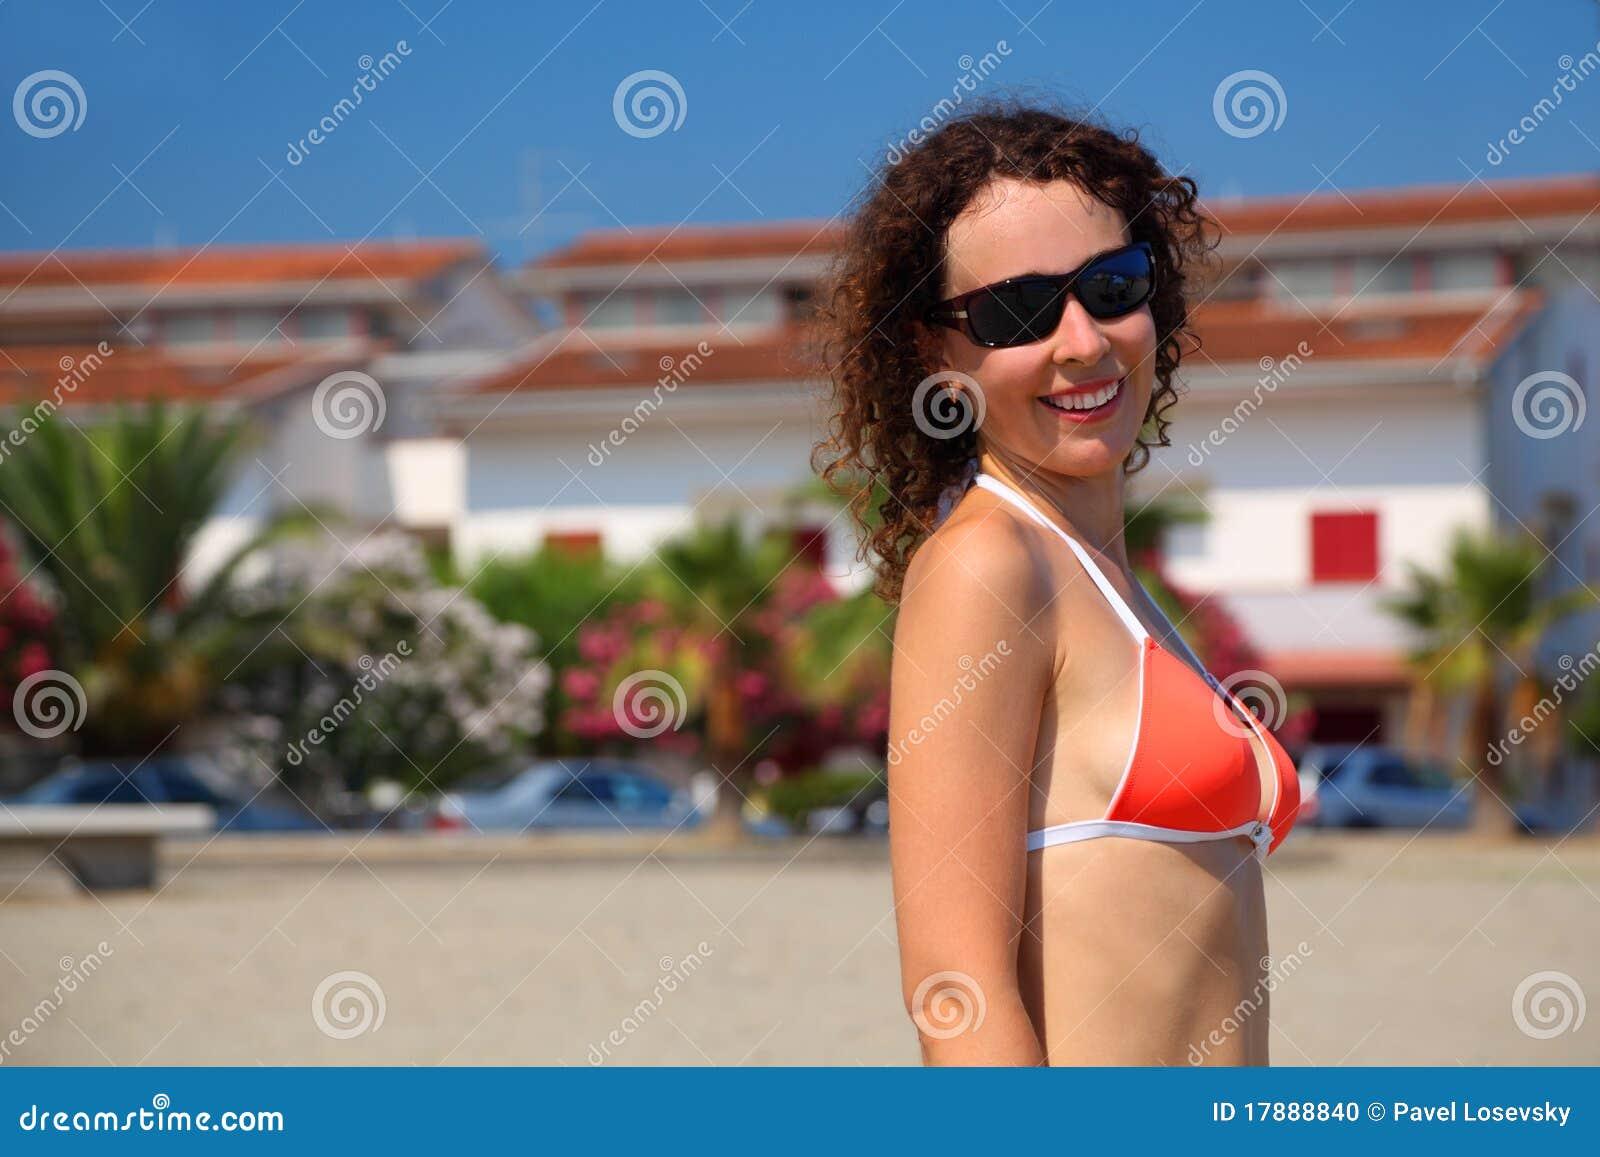 reise Mehr Frauen im Badeanzug article.